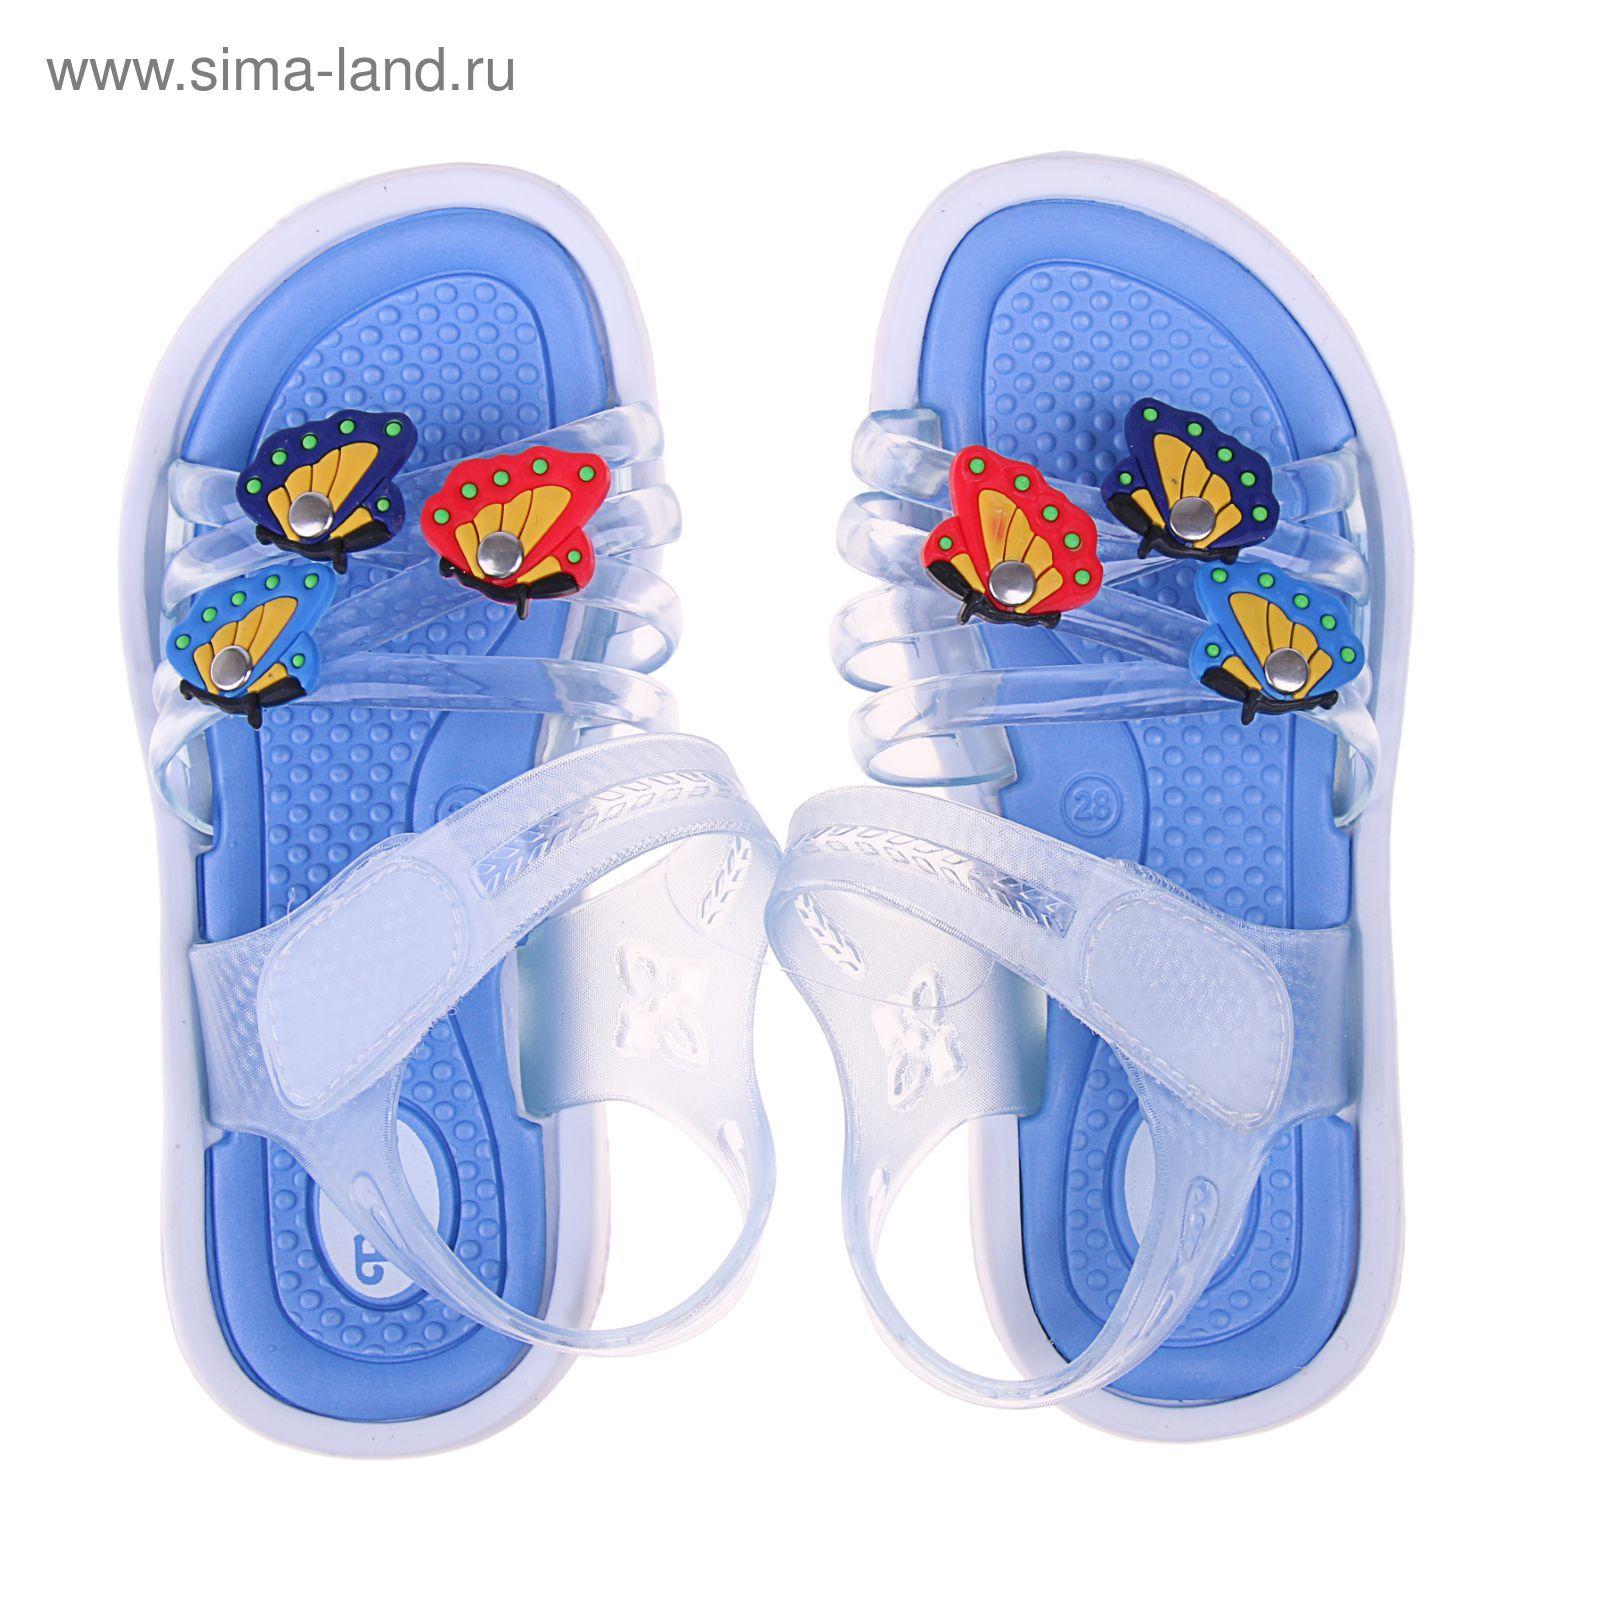 bf0436f74 Туфли пляжные детские Forio арт. 256-5402 (голубой) (р. 28) (1289406 ...